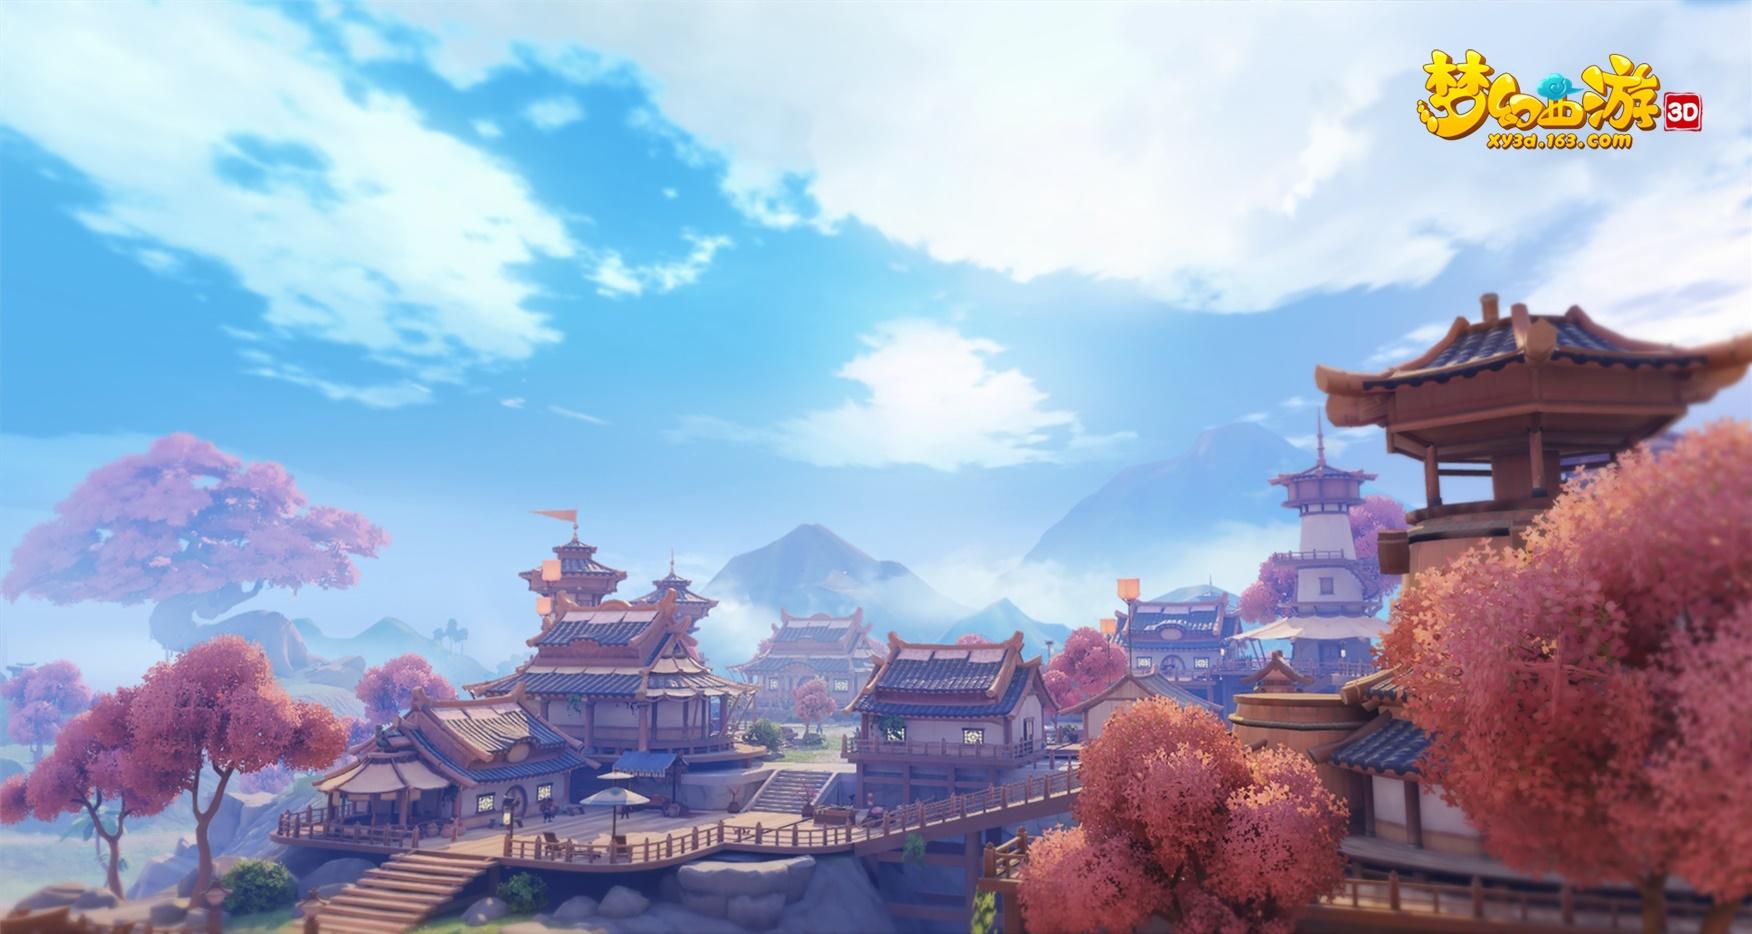 梦幻西游3d 游戏新闻 灵动三界即将与你初见《梦幻西游3d》十月ios端t